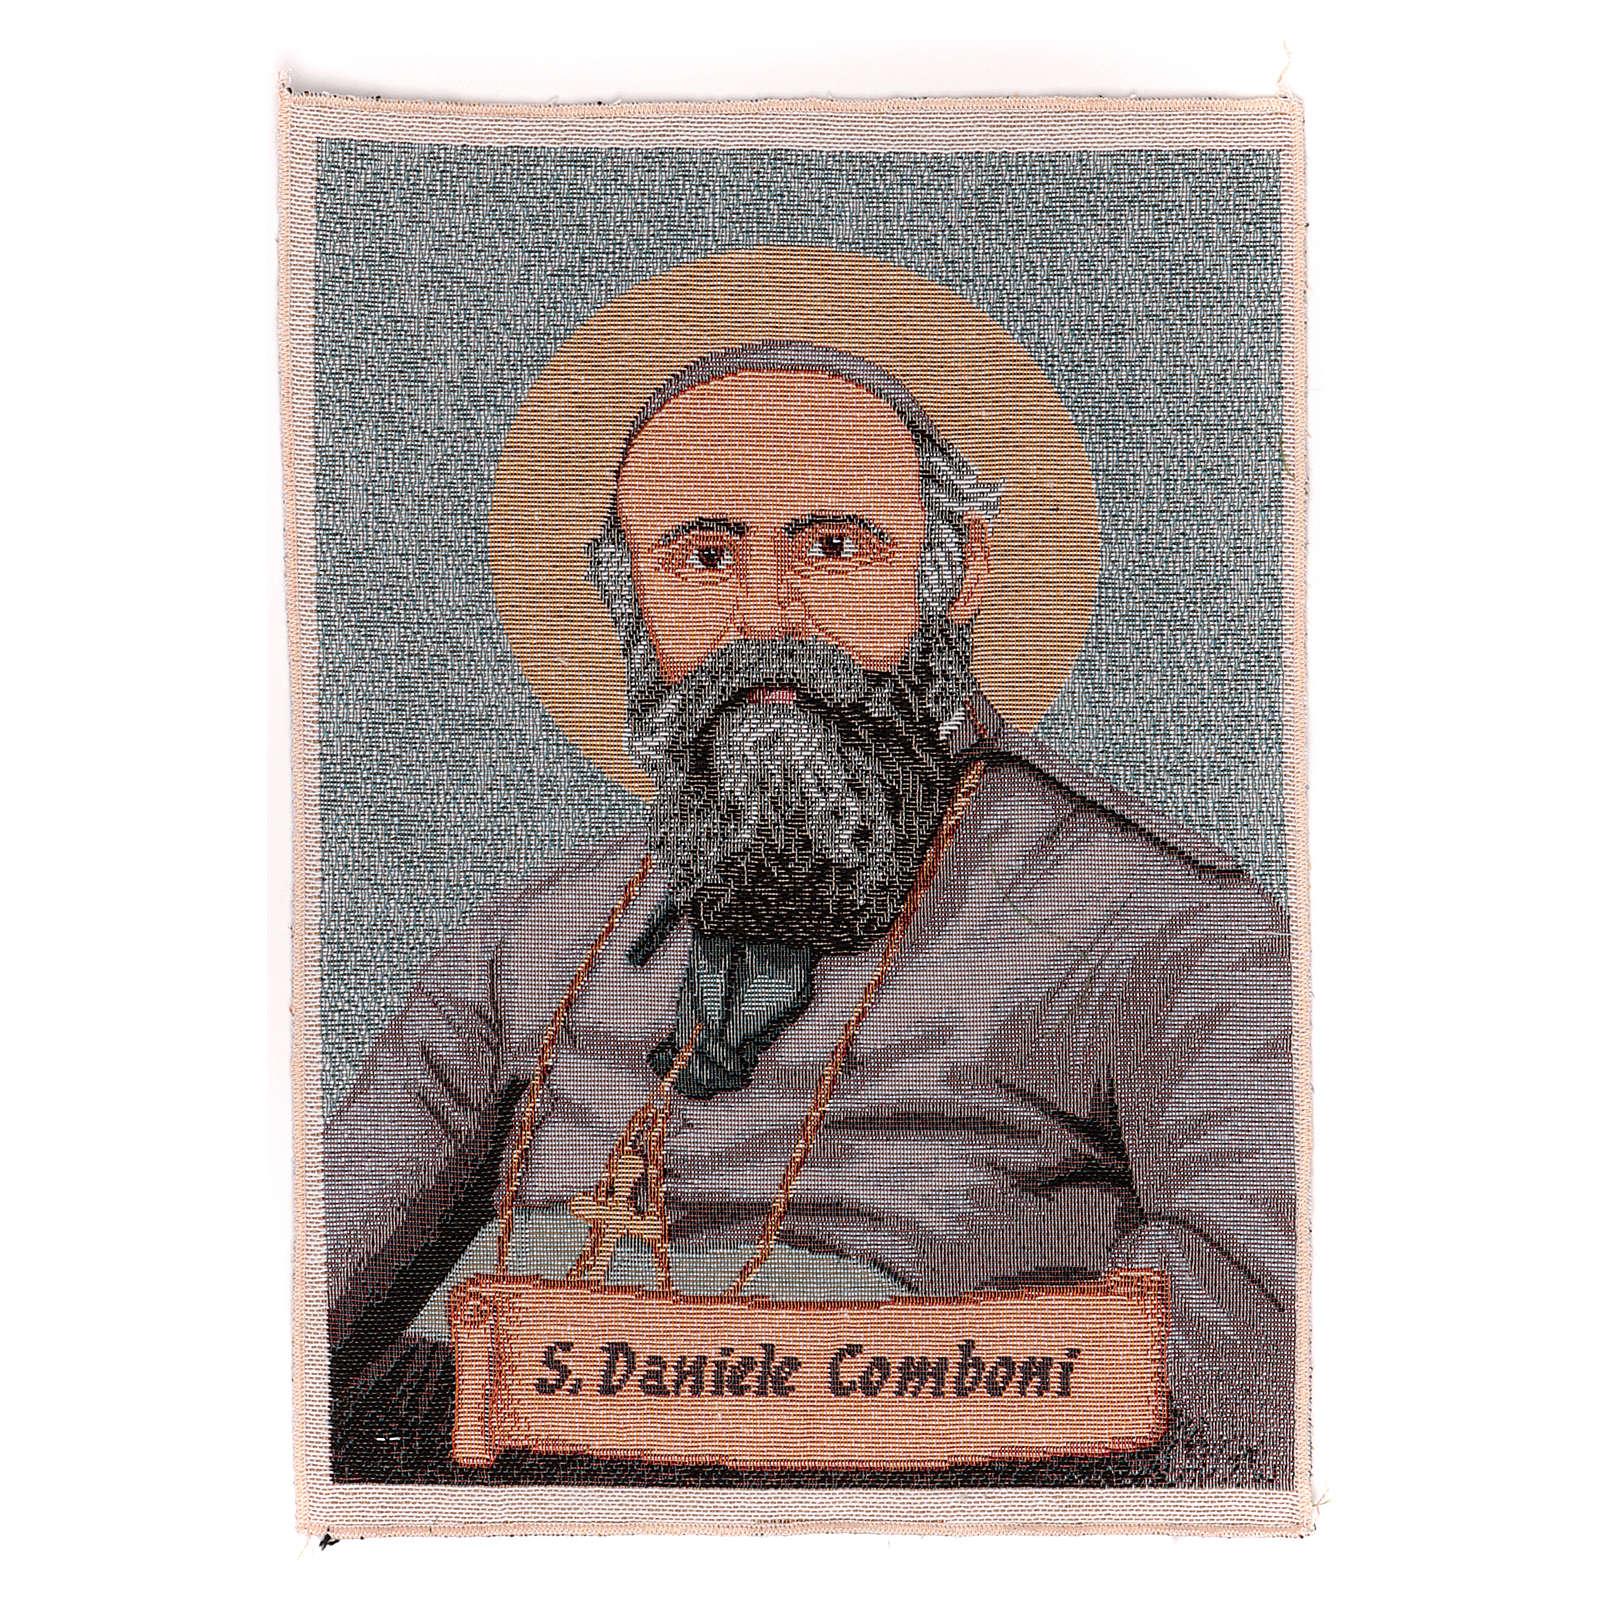 Tapisserie St Daniel Comboni 40x30 cm 3